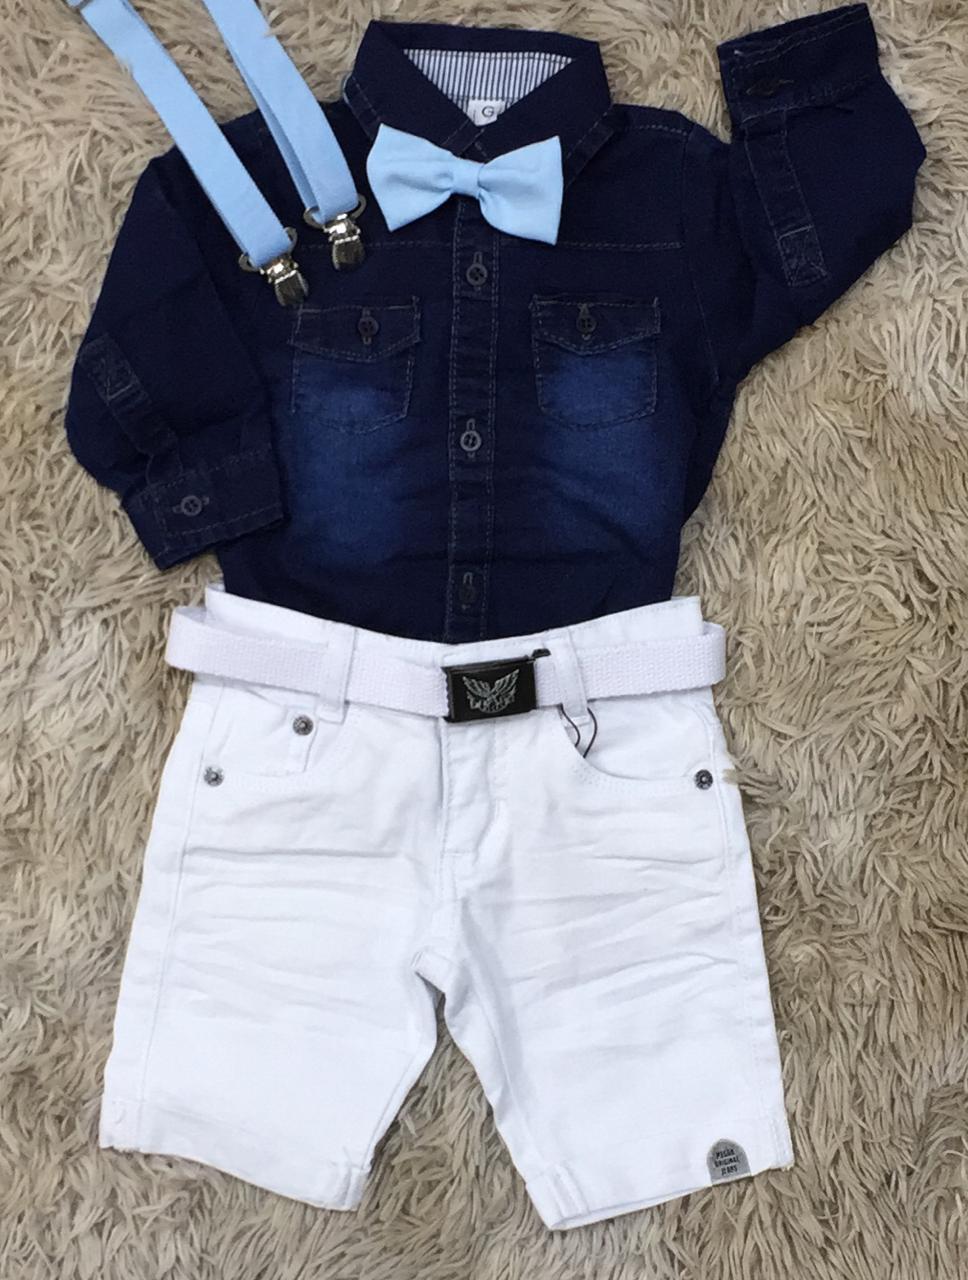 Bermuda Branca com Body Jeans Mais Suspensório e Gravata